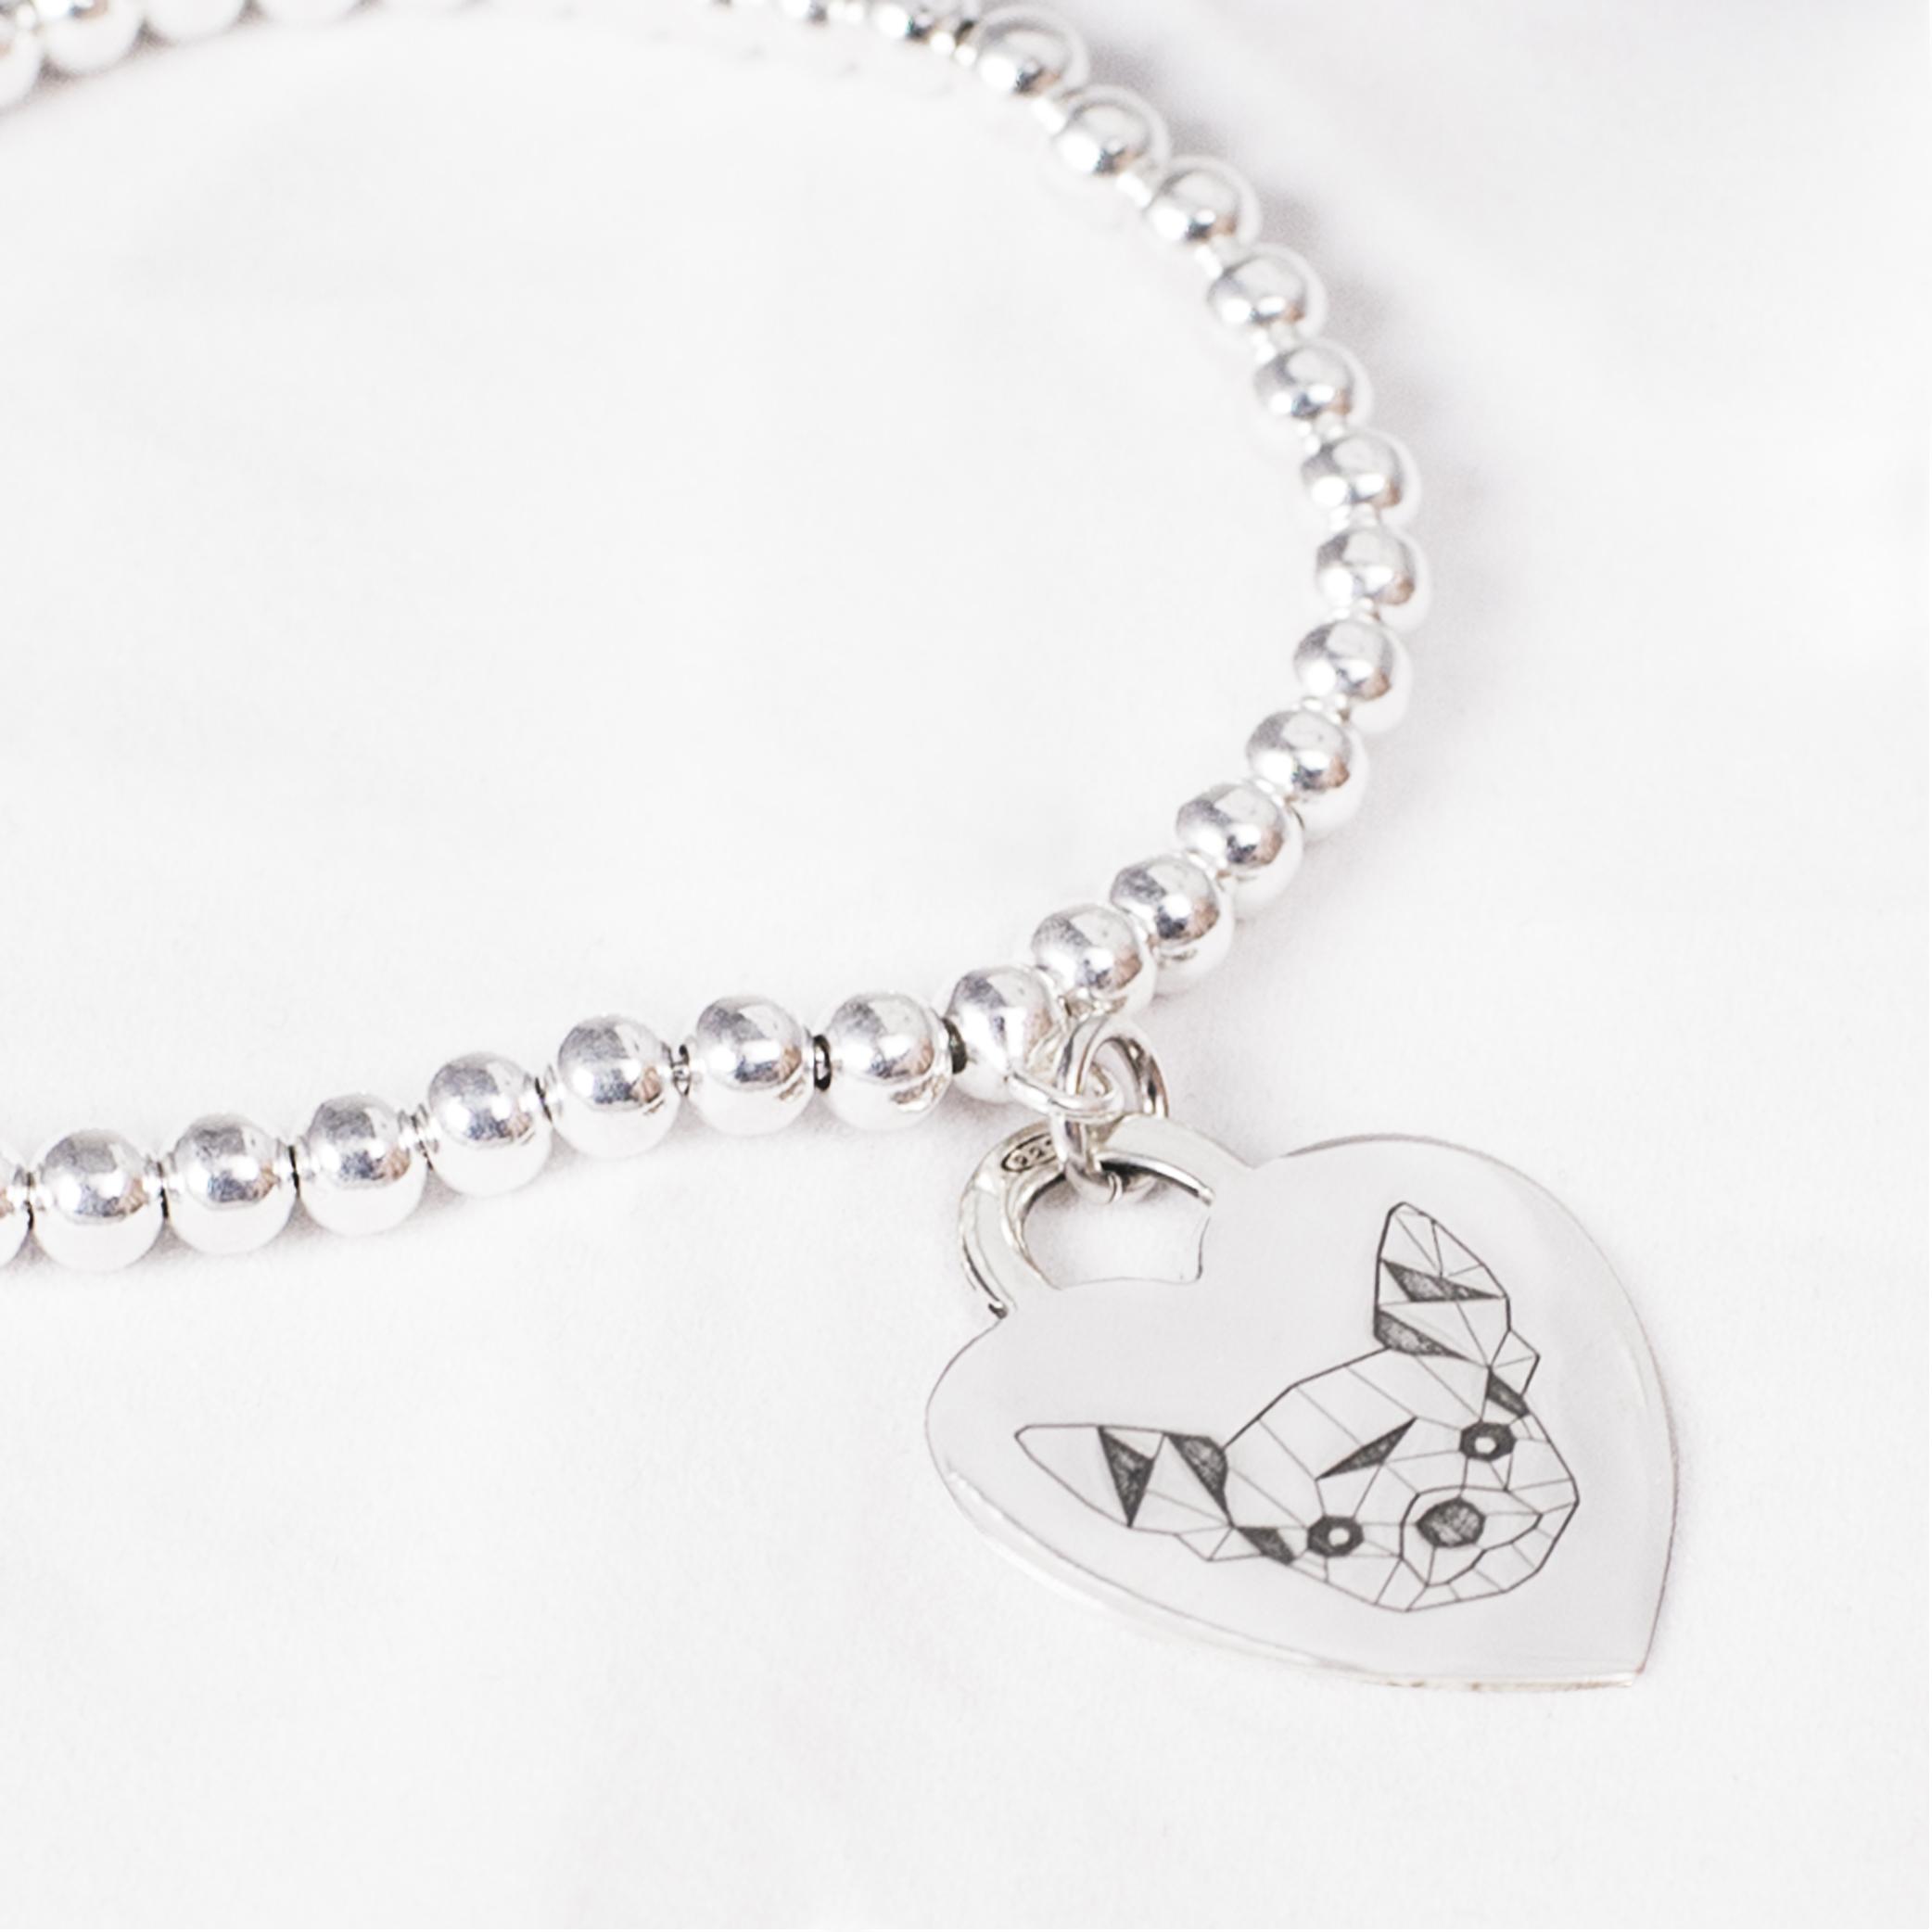 Bracciale con medaglietta cuore in argento con Chihuahua